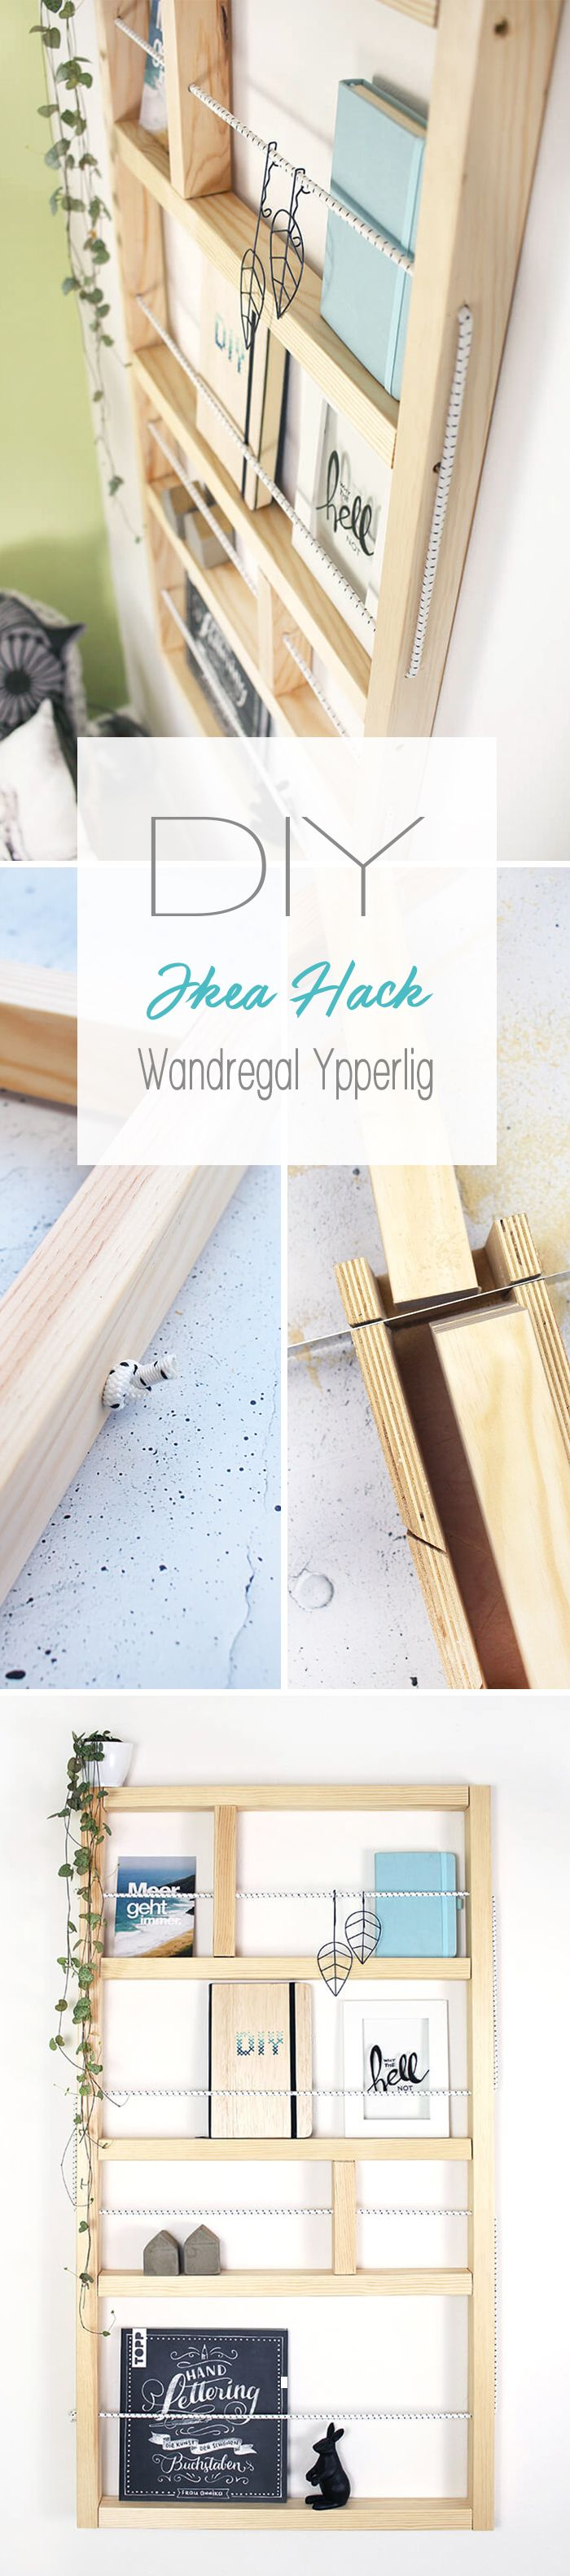 Dani vom DIY Blog Gingered Things zeigt euch mit diesem Ikea Hack wie ihr das Wandregal aus der Ypperlig Kollektion selbst aus Holz und einem Gummiseil nachbauen könnt